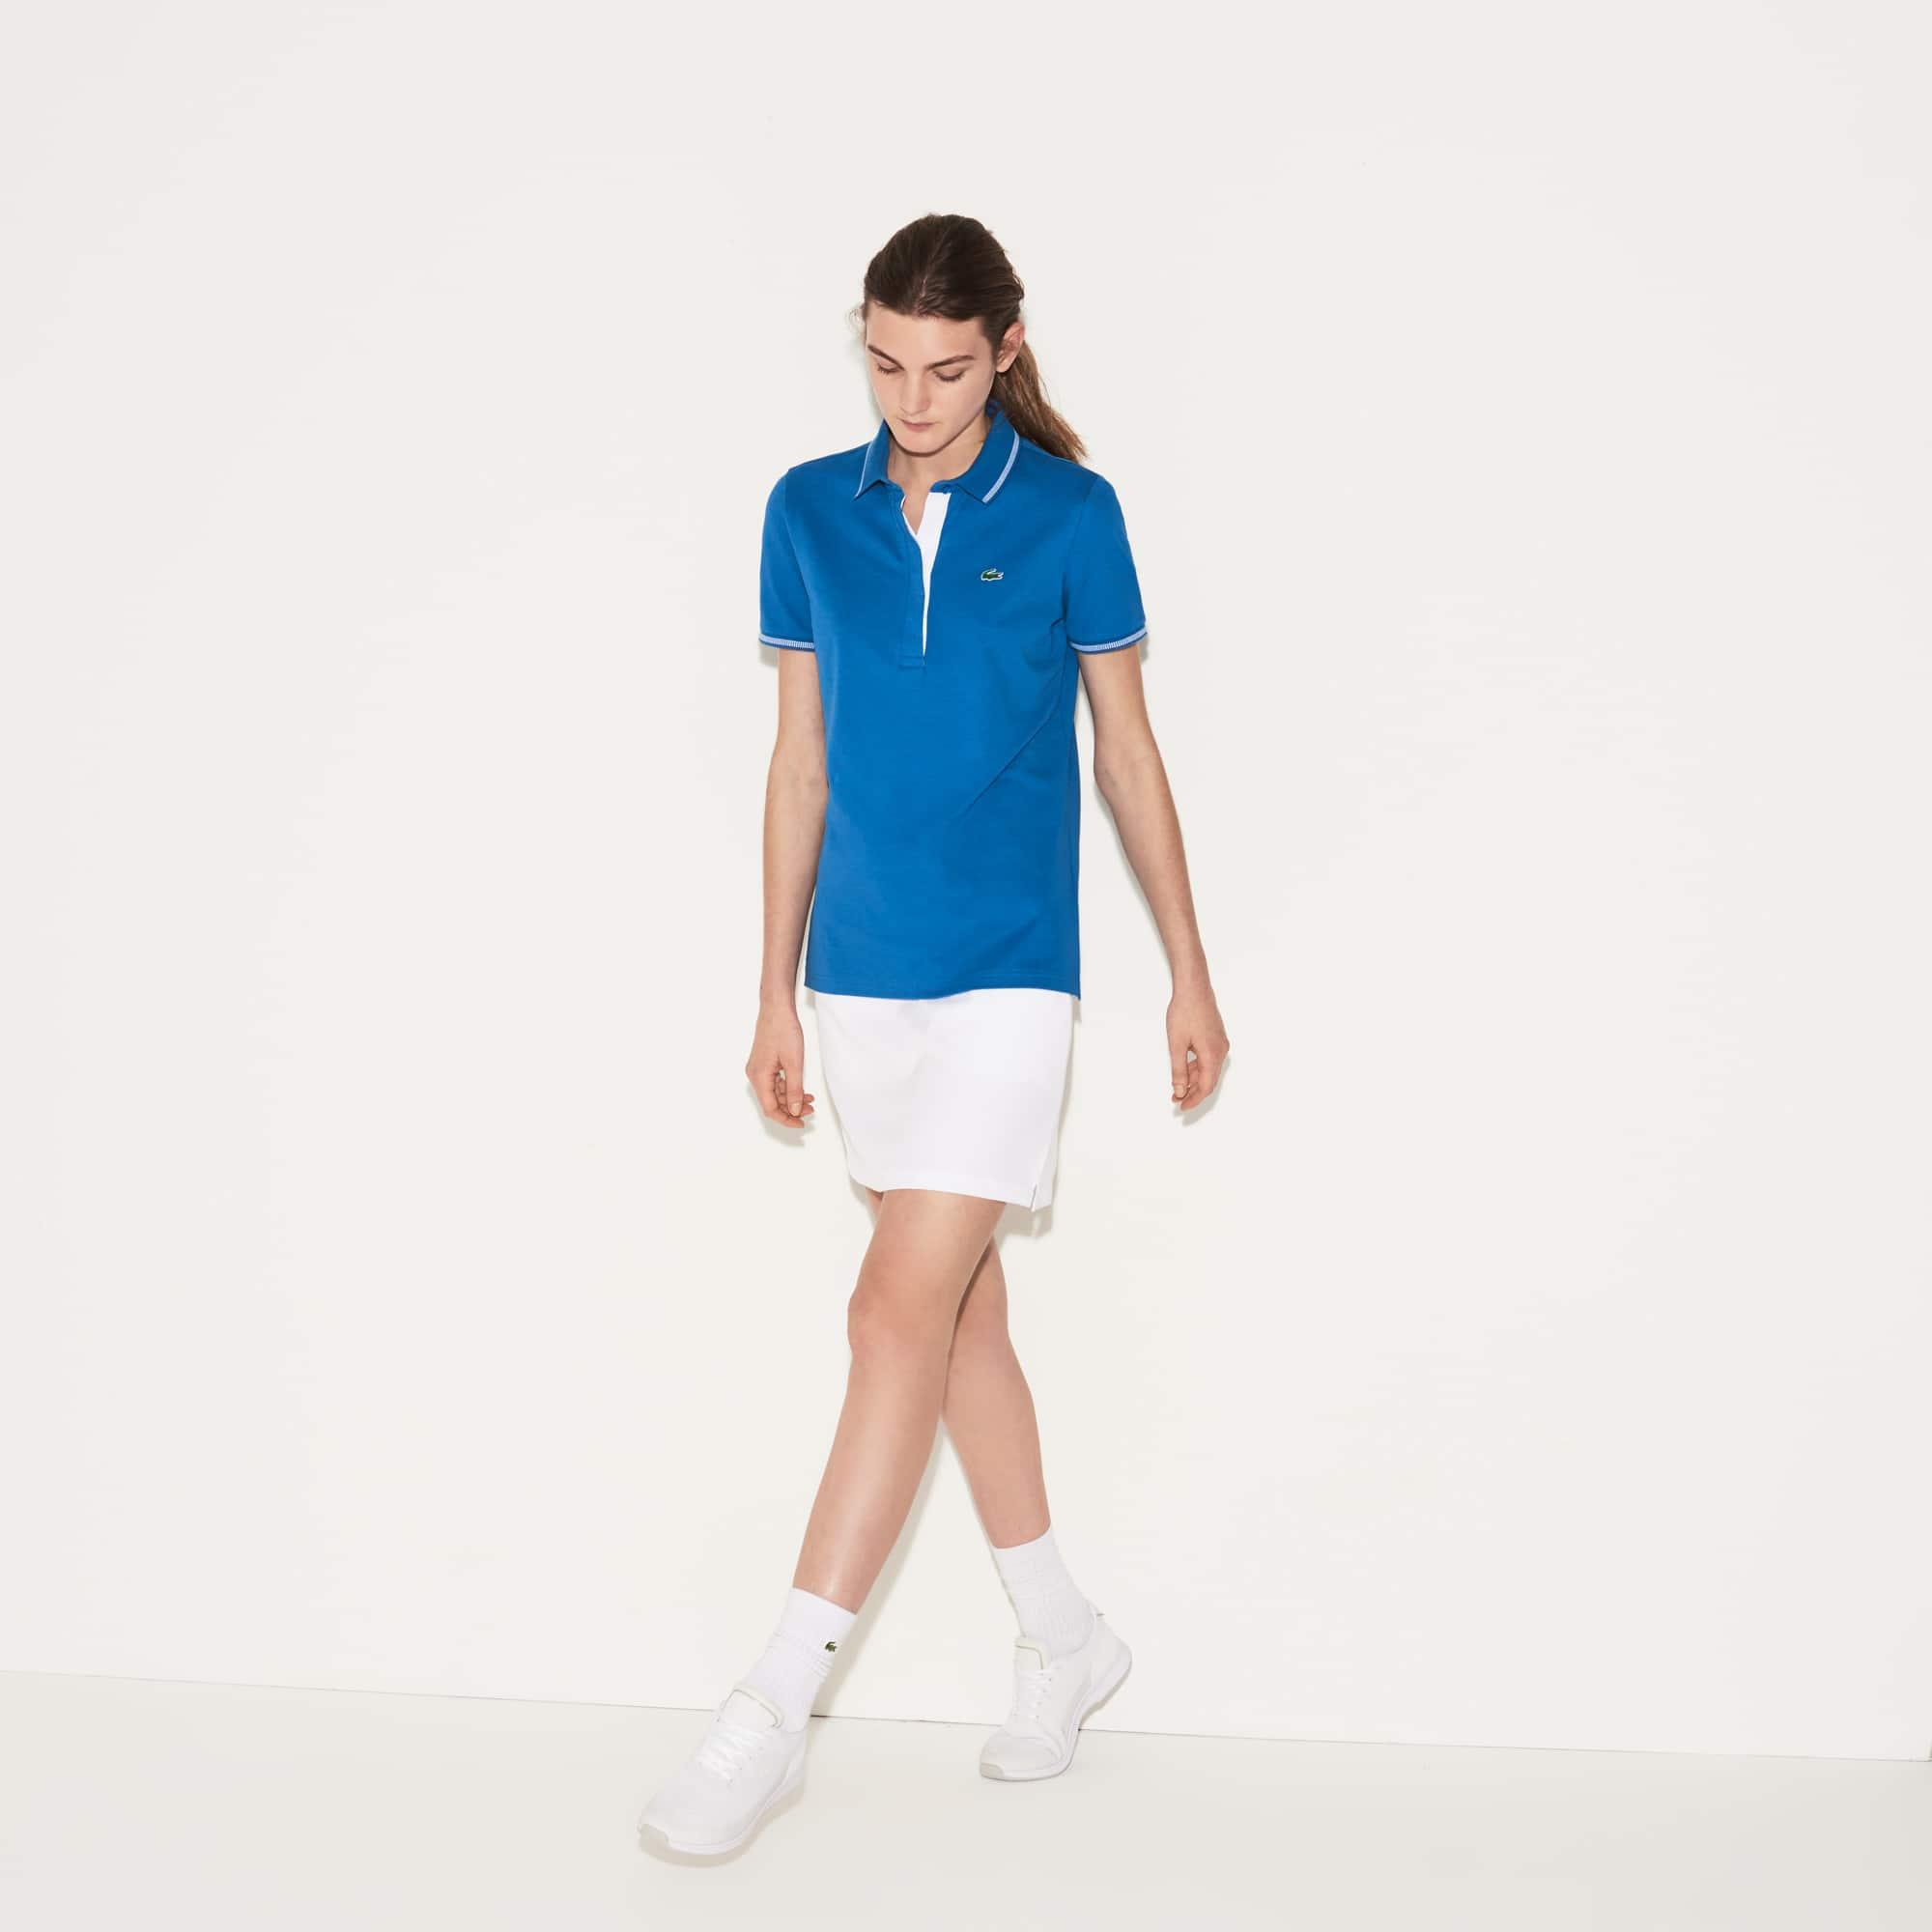 acd70f6cc58 Polo técnico Golf Lacoste SPORT em algodão leve stretch ...